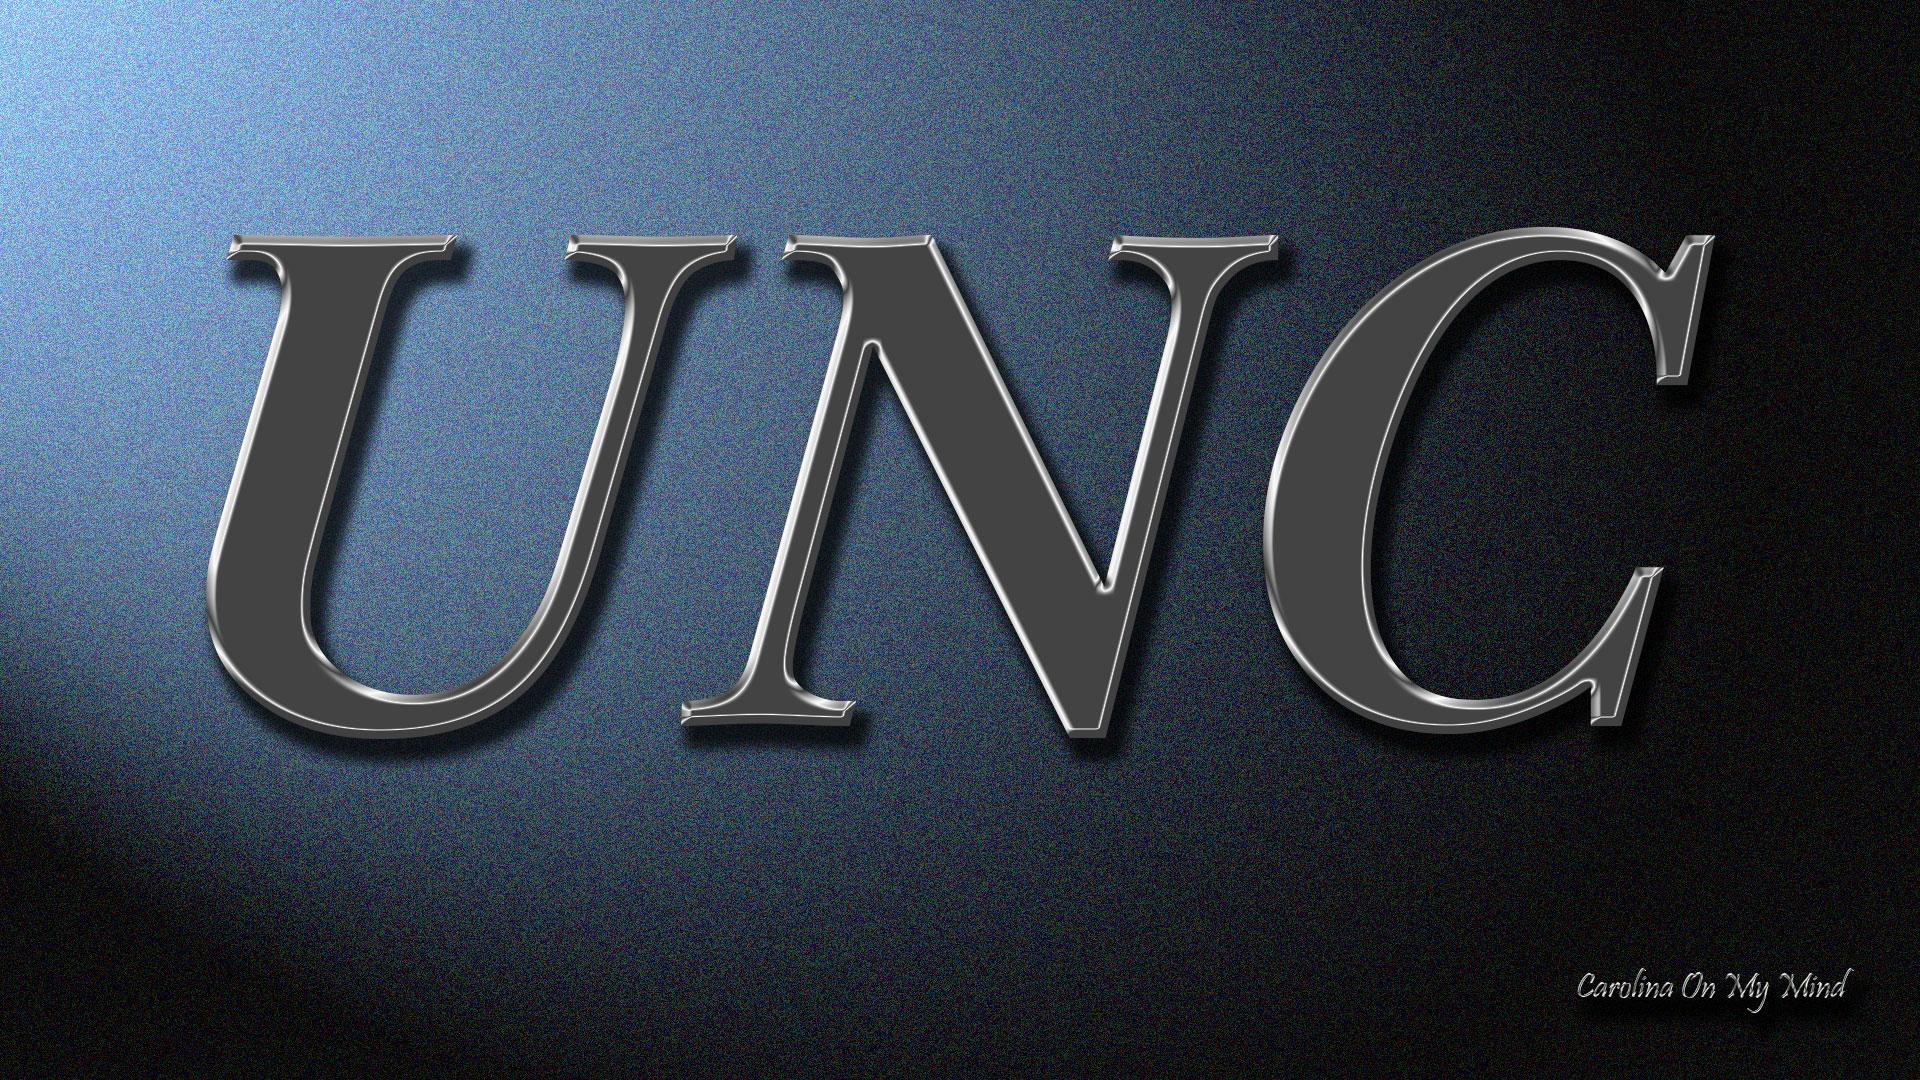 UNC Desktop Wallpaper Metal Letters On Lit Wall